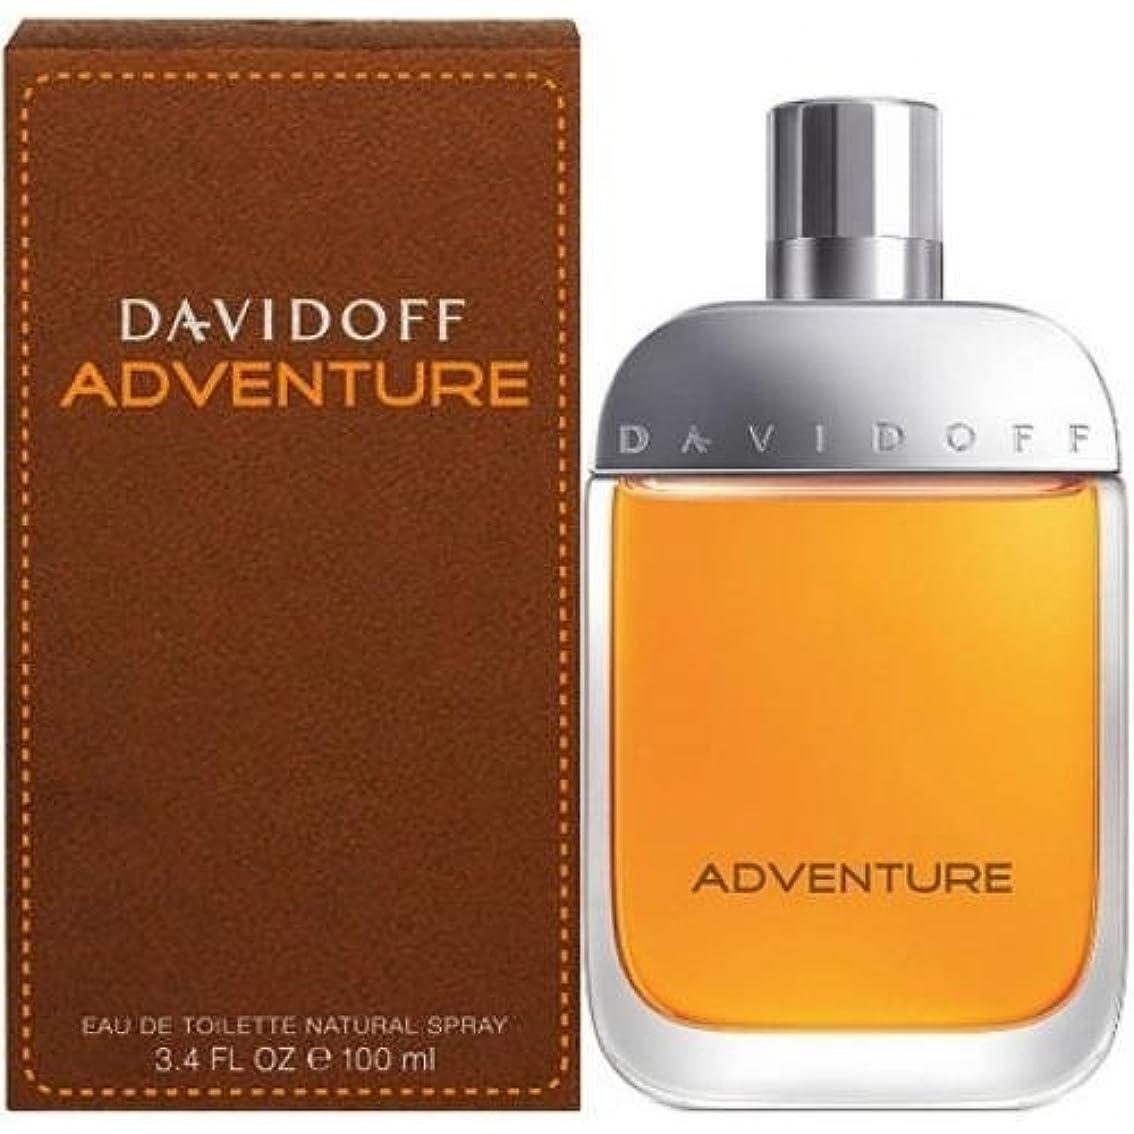 時計回りフライト毒液ダビドフ[DAVIDOFF]ダビドフアドベンチャー100mlオードトワレスプレー